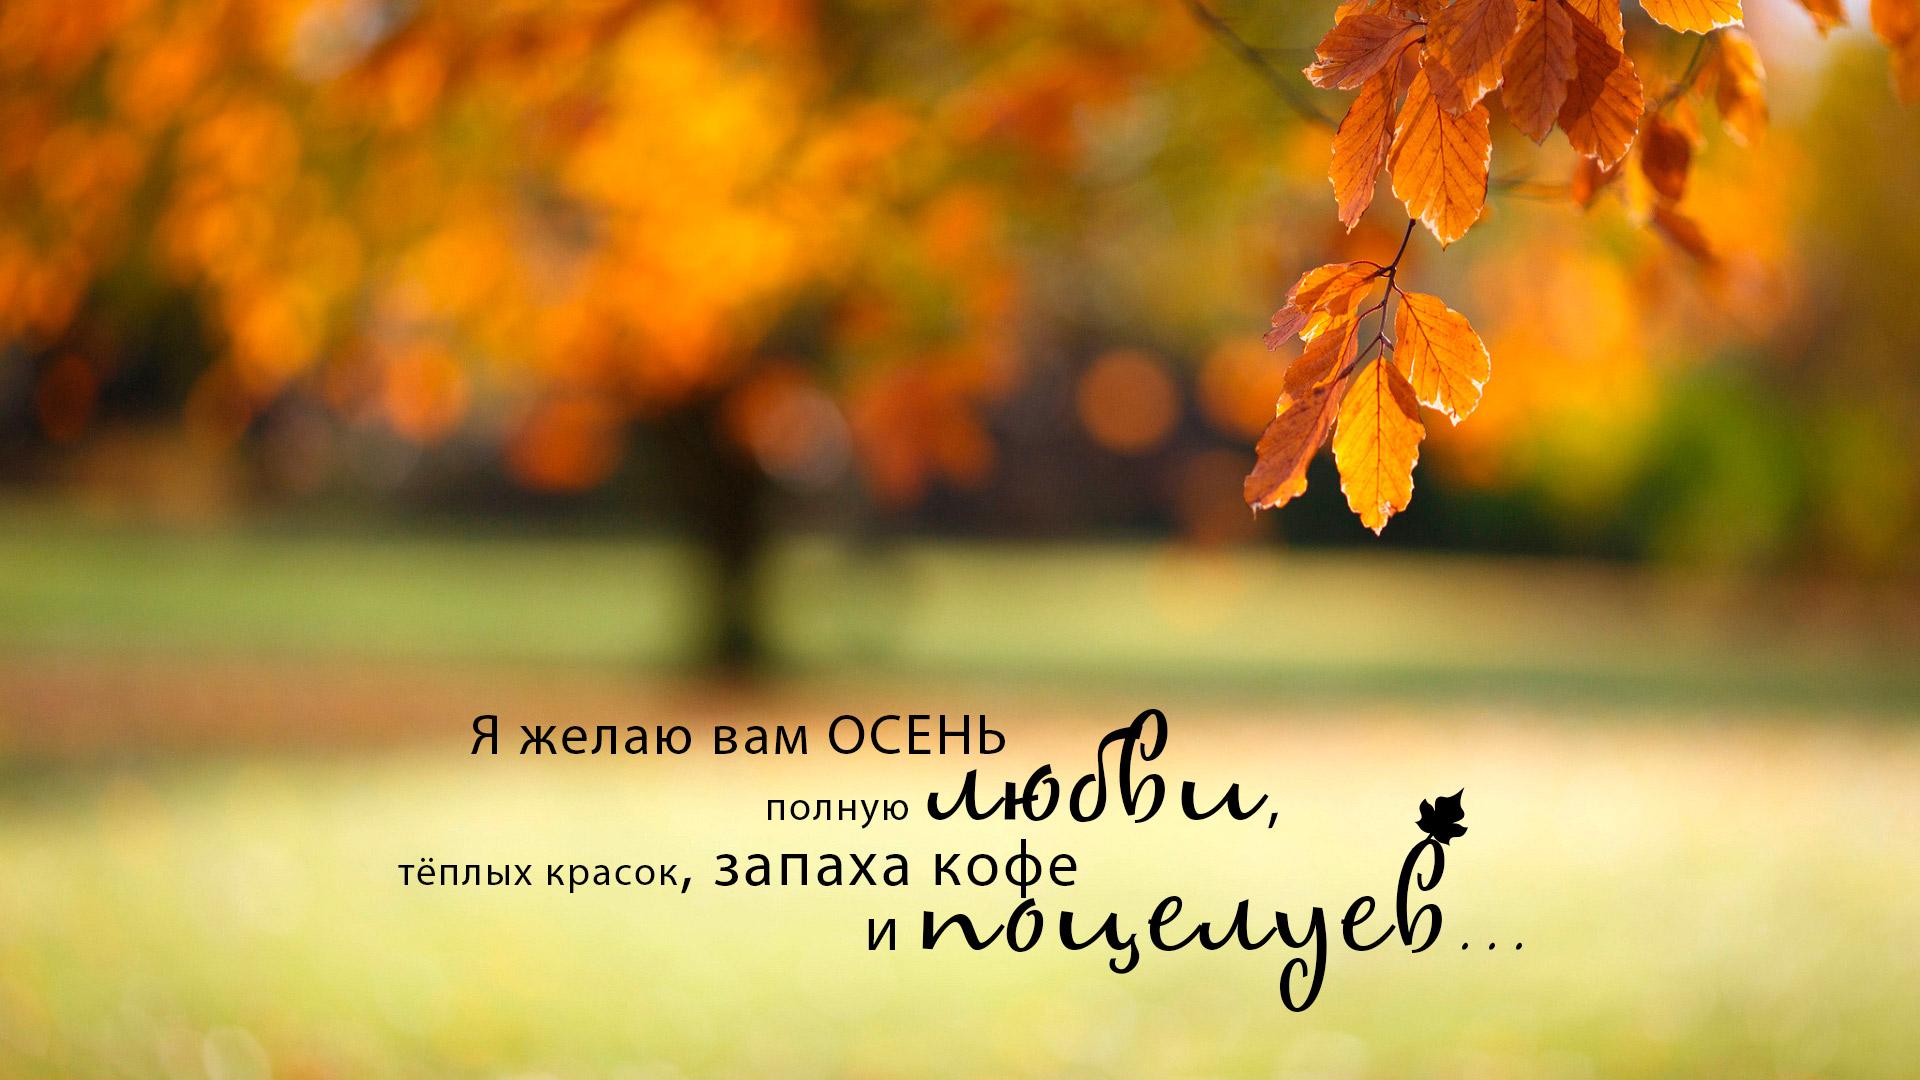 Я желаю вам осень полную любви, тёплых красок, запаха кофе и поцелуев...